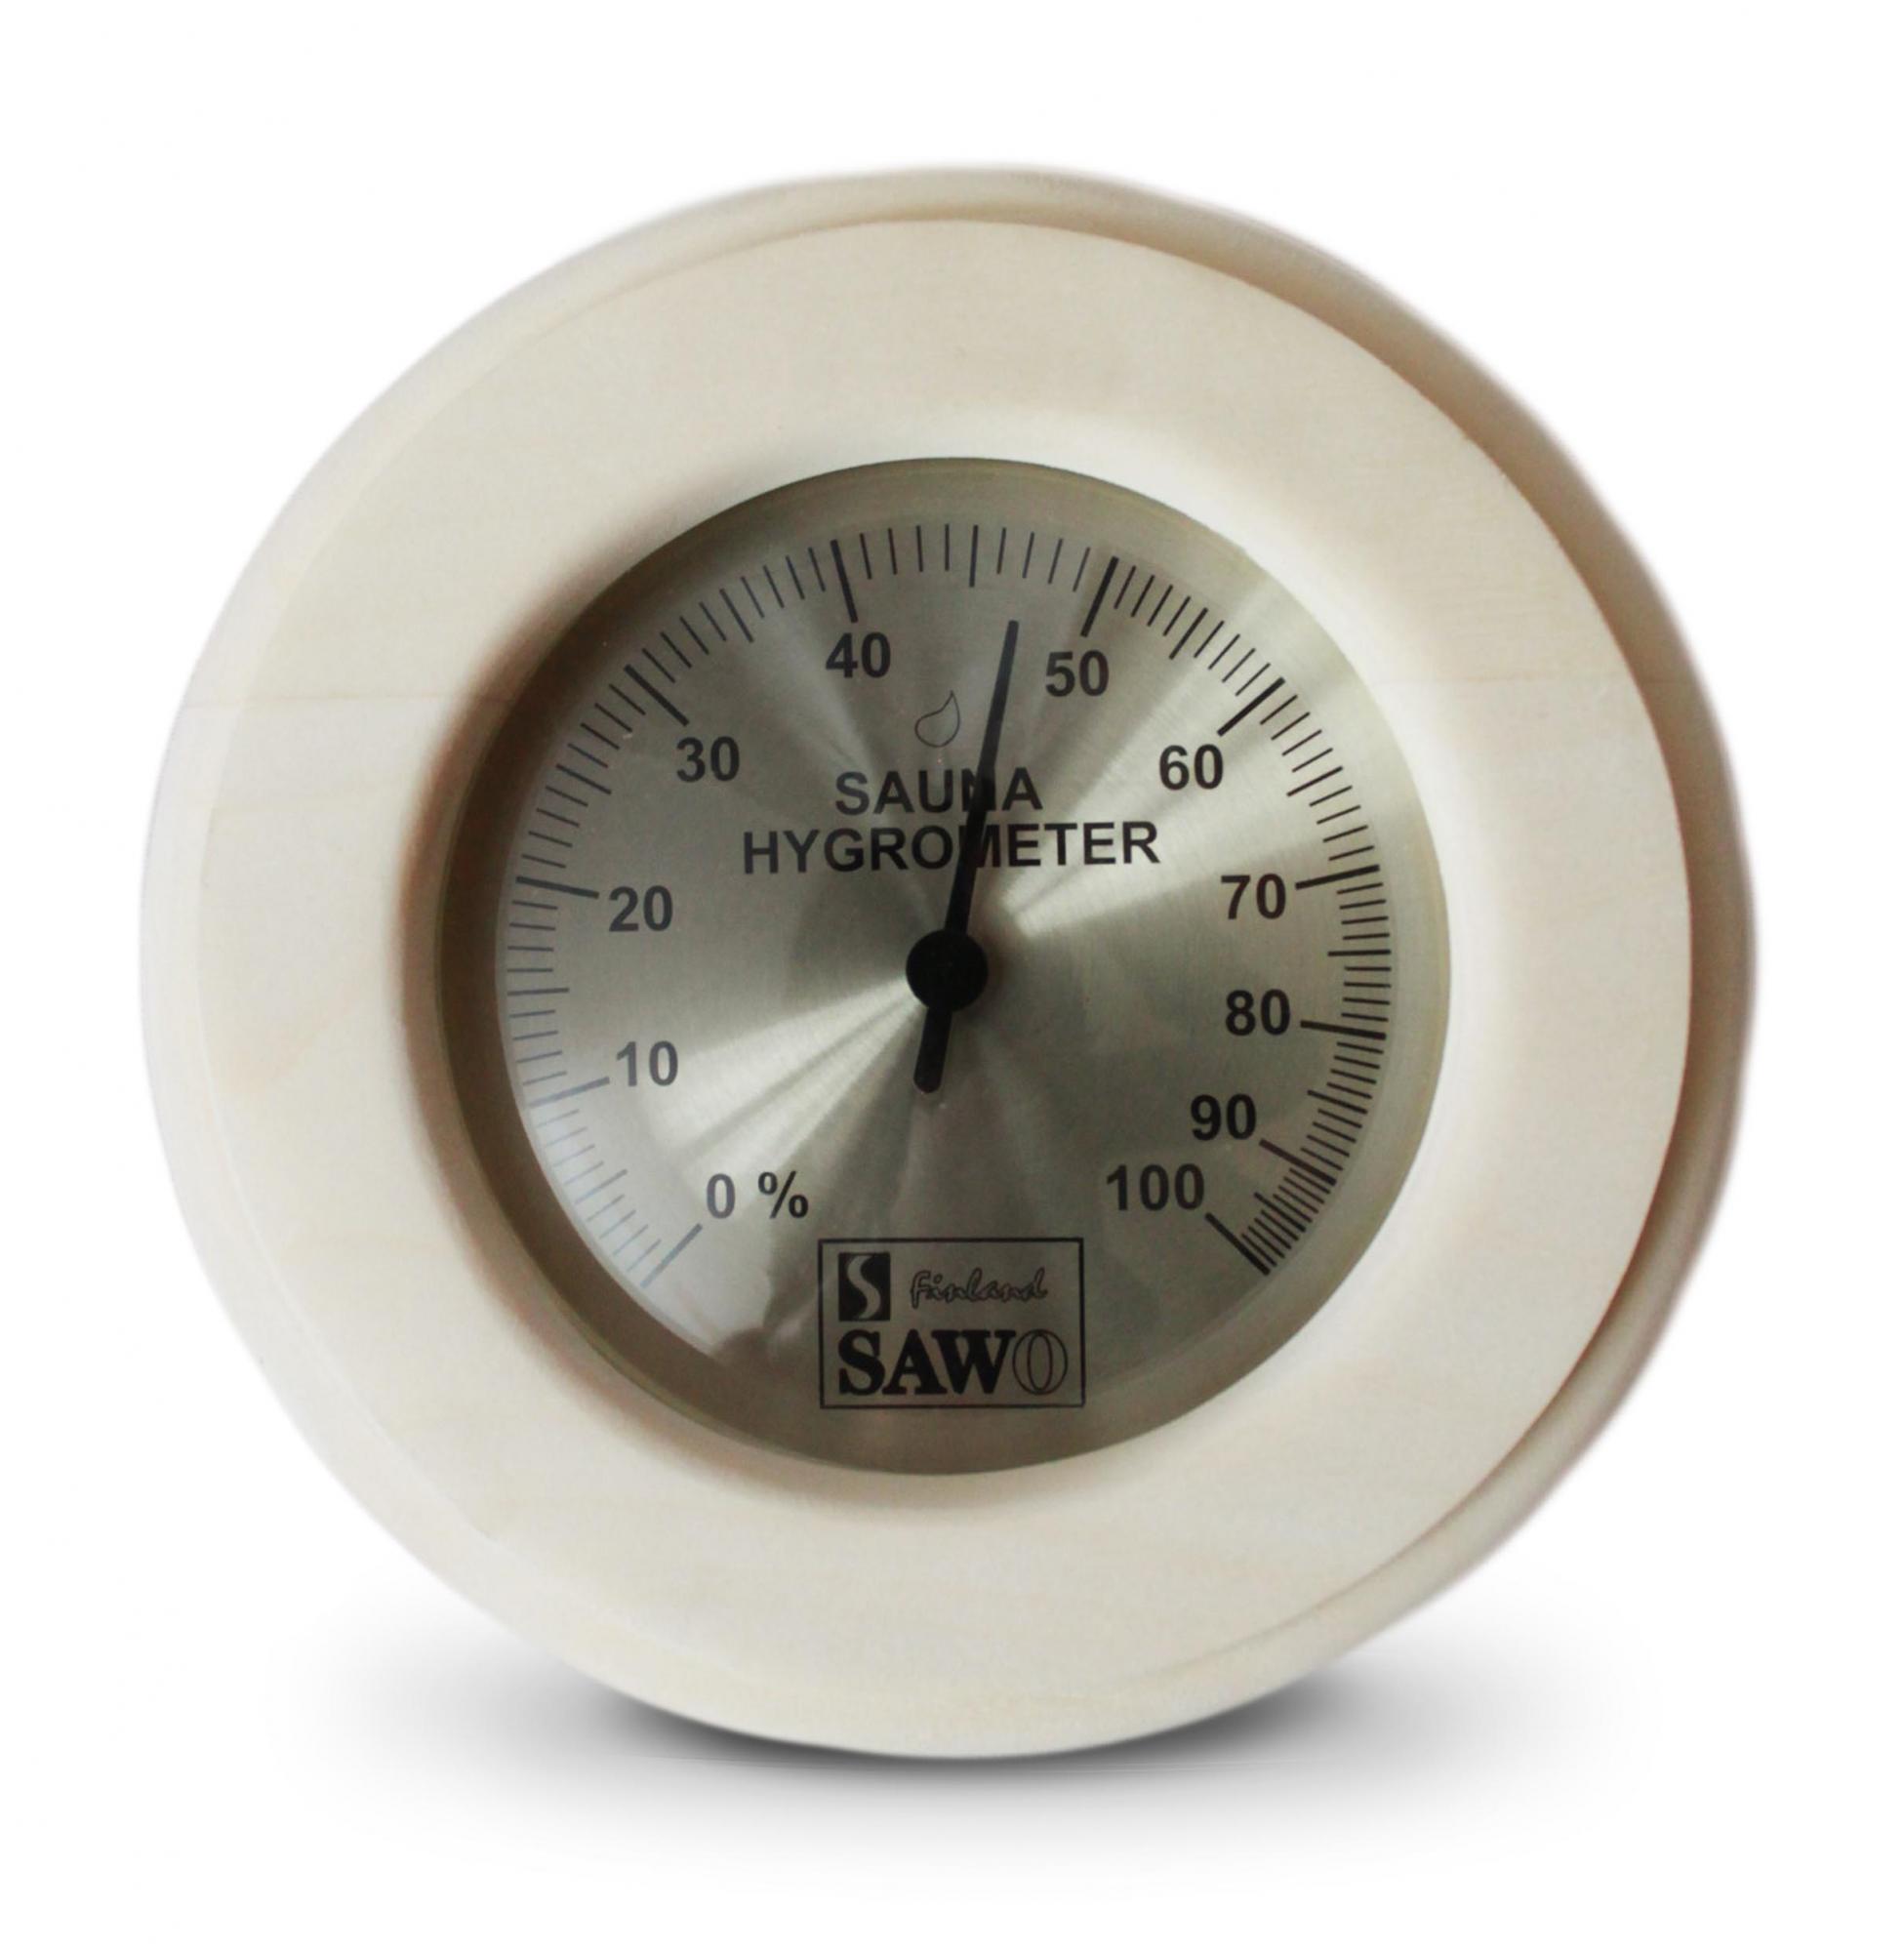 Термометры и гигрометры: Гигрометр SAWO 230-HA в каком магазине в бибирево можно купить дшево косметику dbib